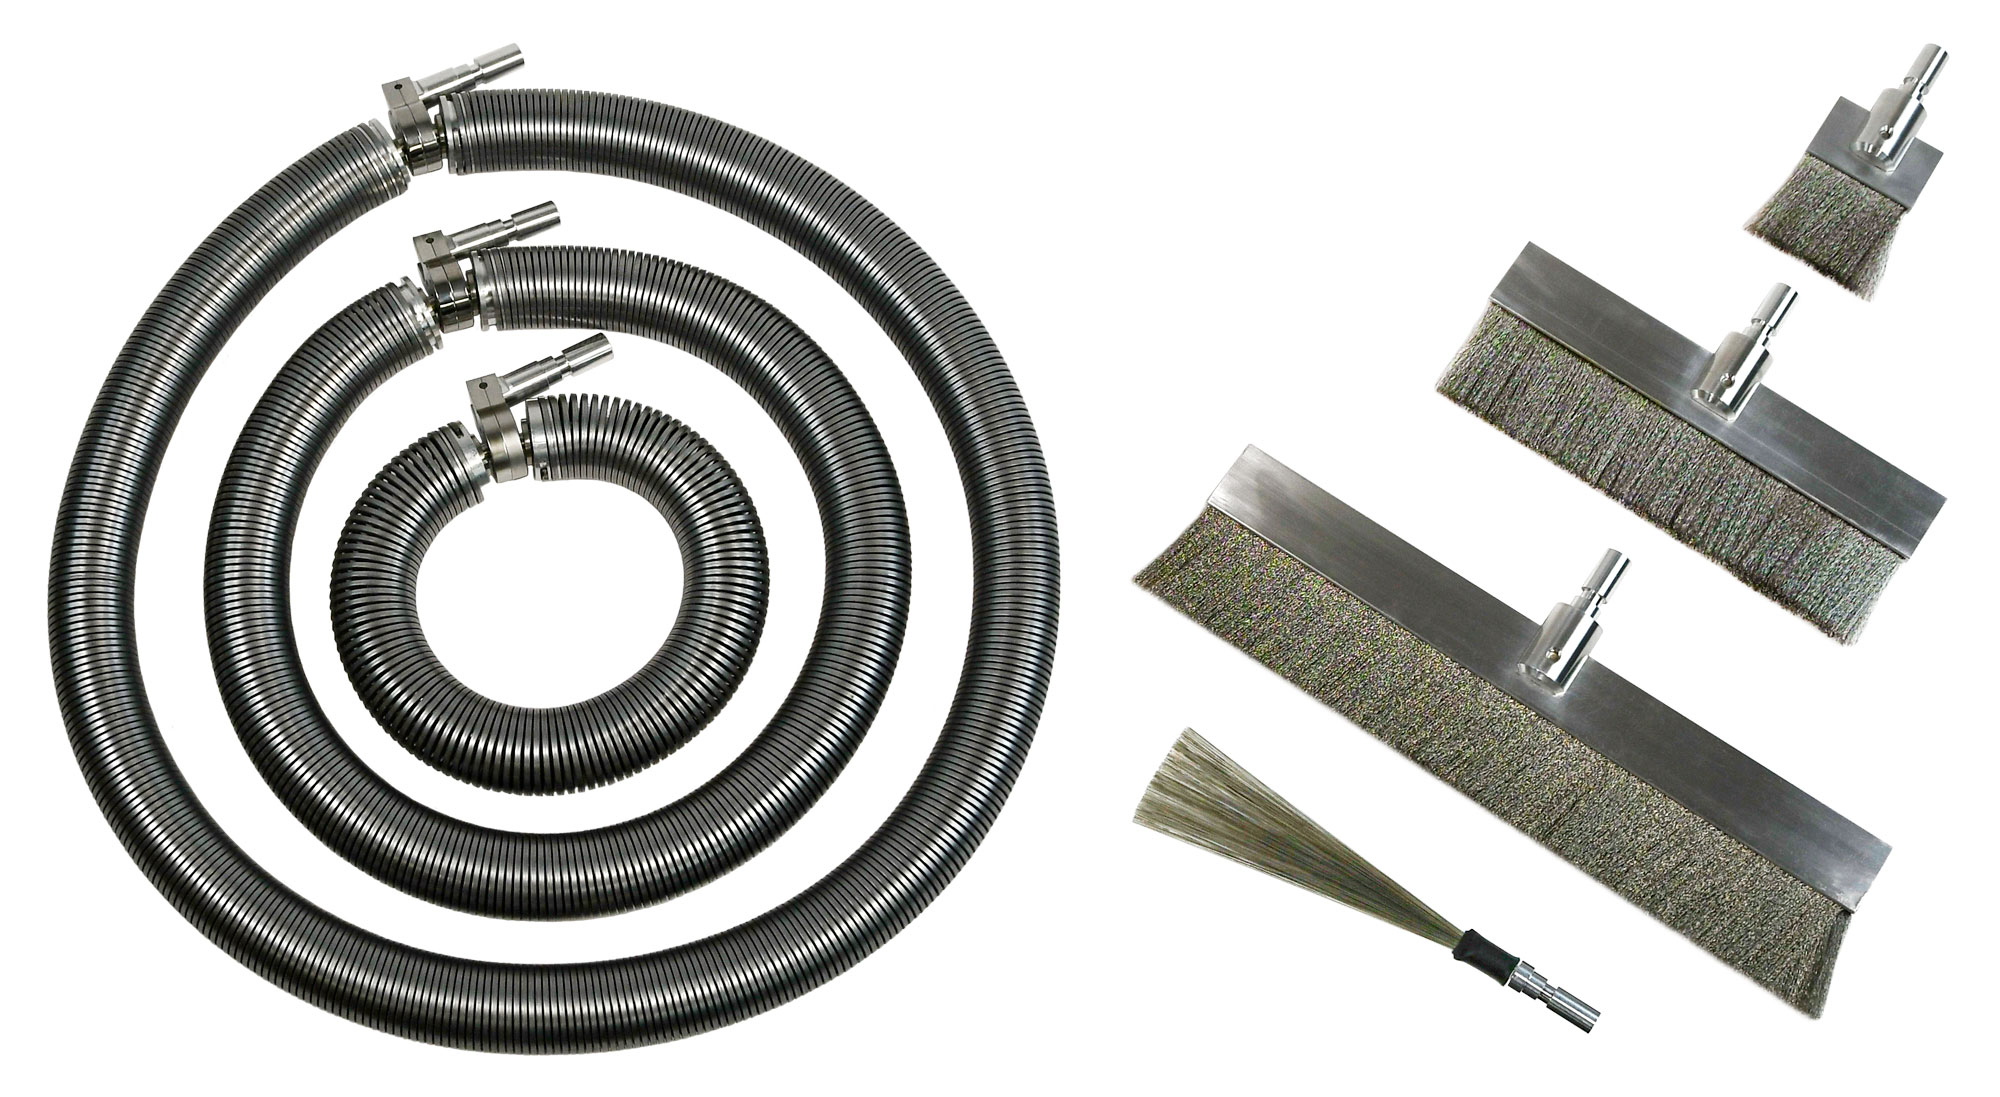 PosiTestHHD-Electrodes